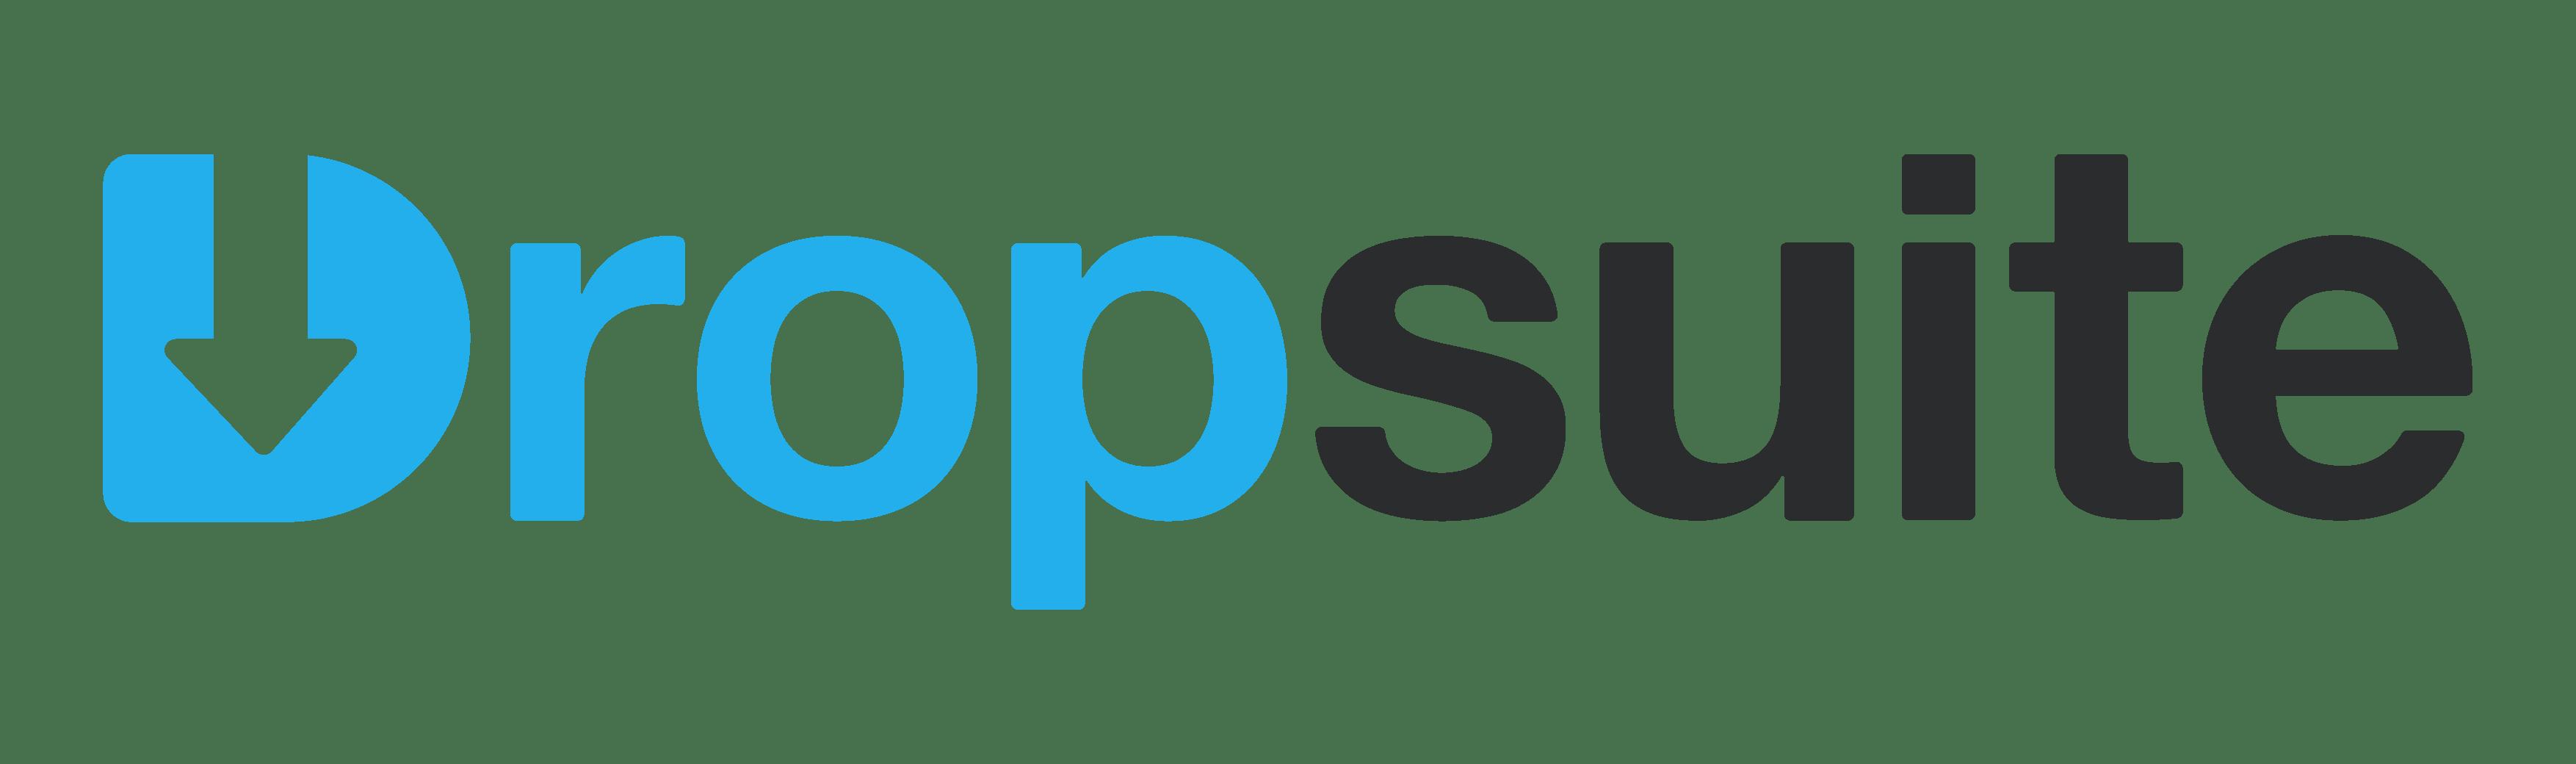 DropSuite-logo-color-Transparent-Background